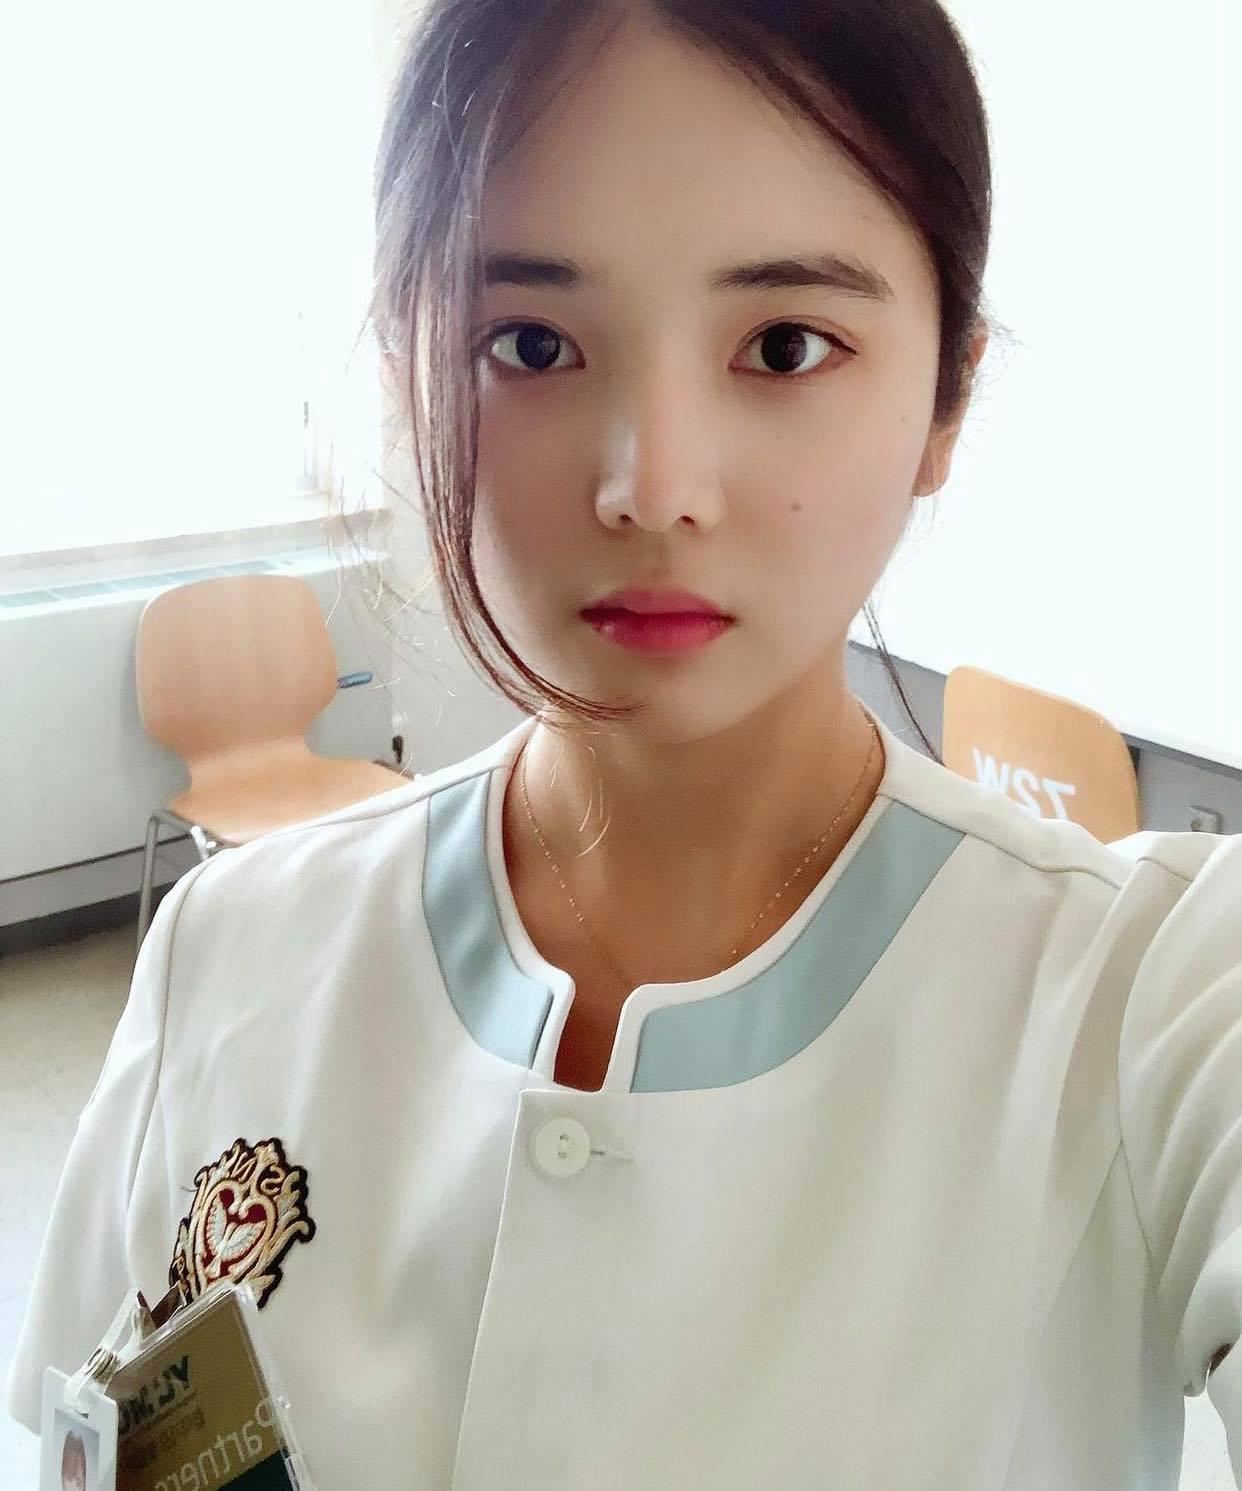 Nữ y tá xinh nhất Hàn Quốc quyết không giảm cân, giữ vững vẻ đẹp tròn đầy vạn người mê - 5